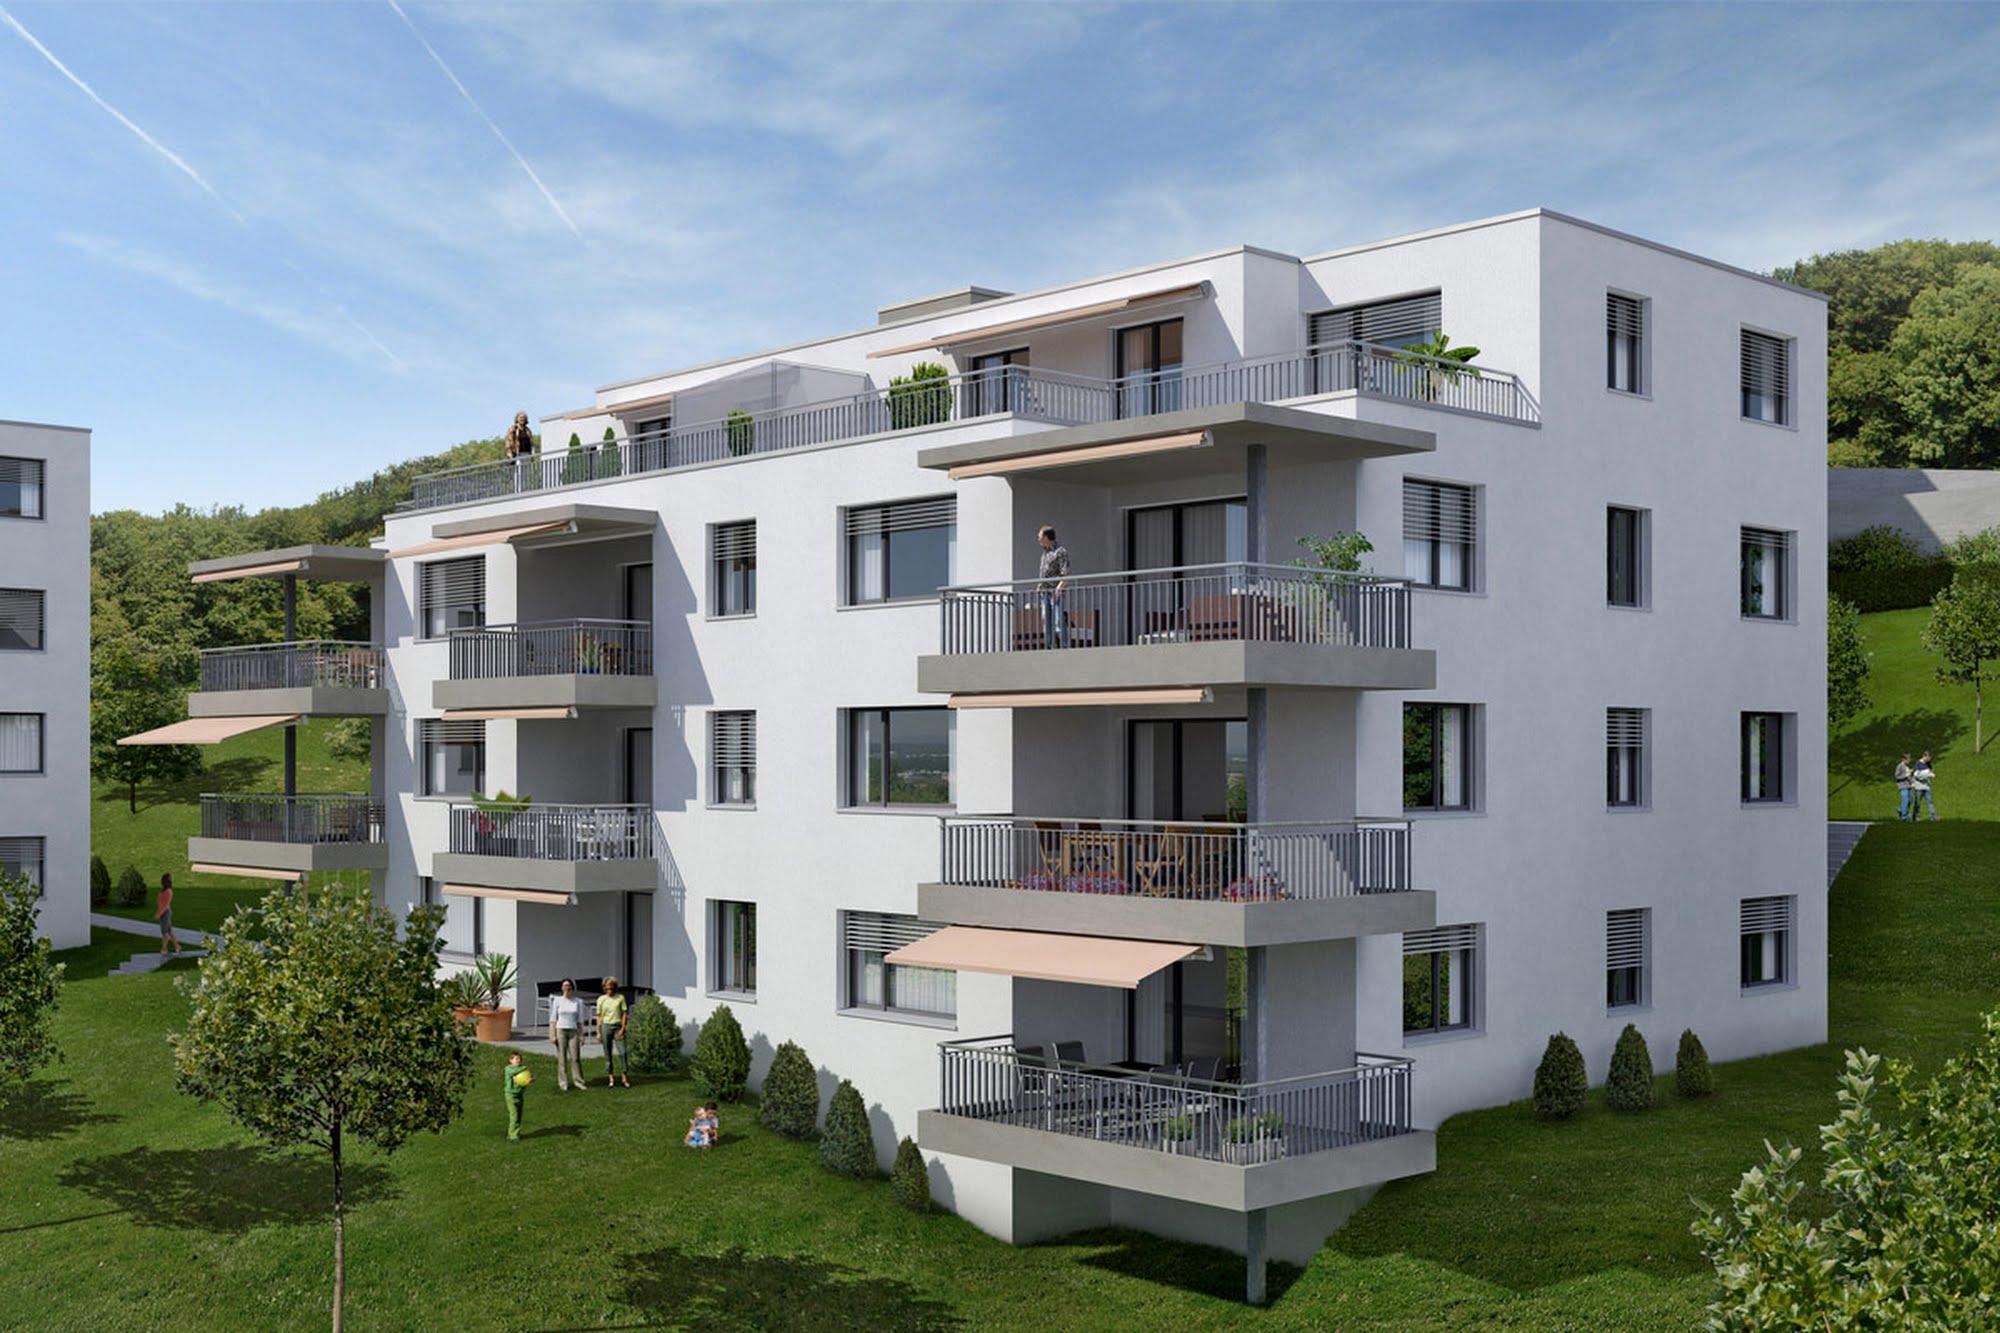 Wohnen MFH Fünf MFH in Liestal Architektur,Wohnungsbau,Wohnhäuser,Einfamilienhäuser,Mehrfamilienhäuser